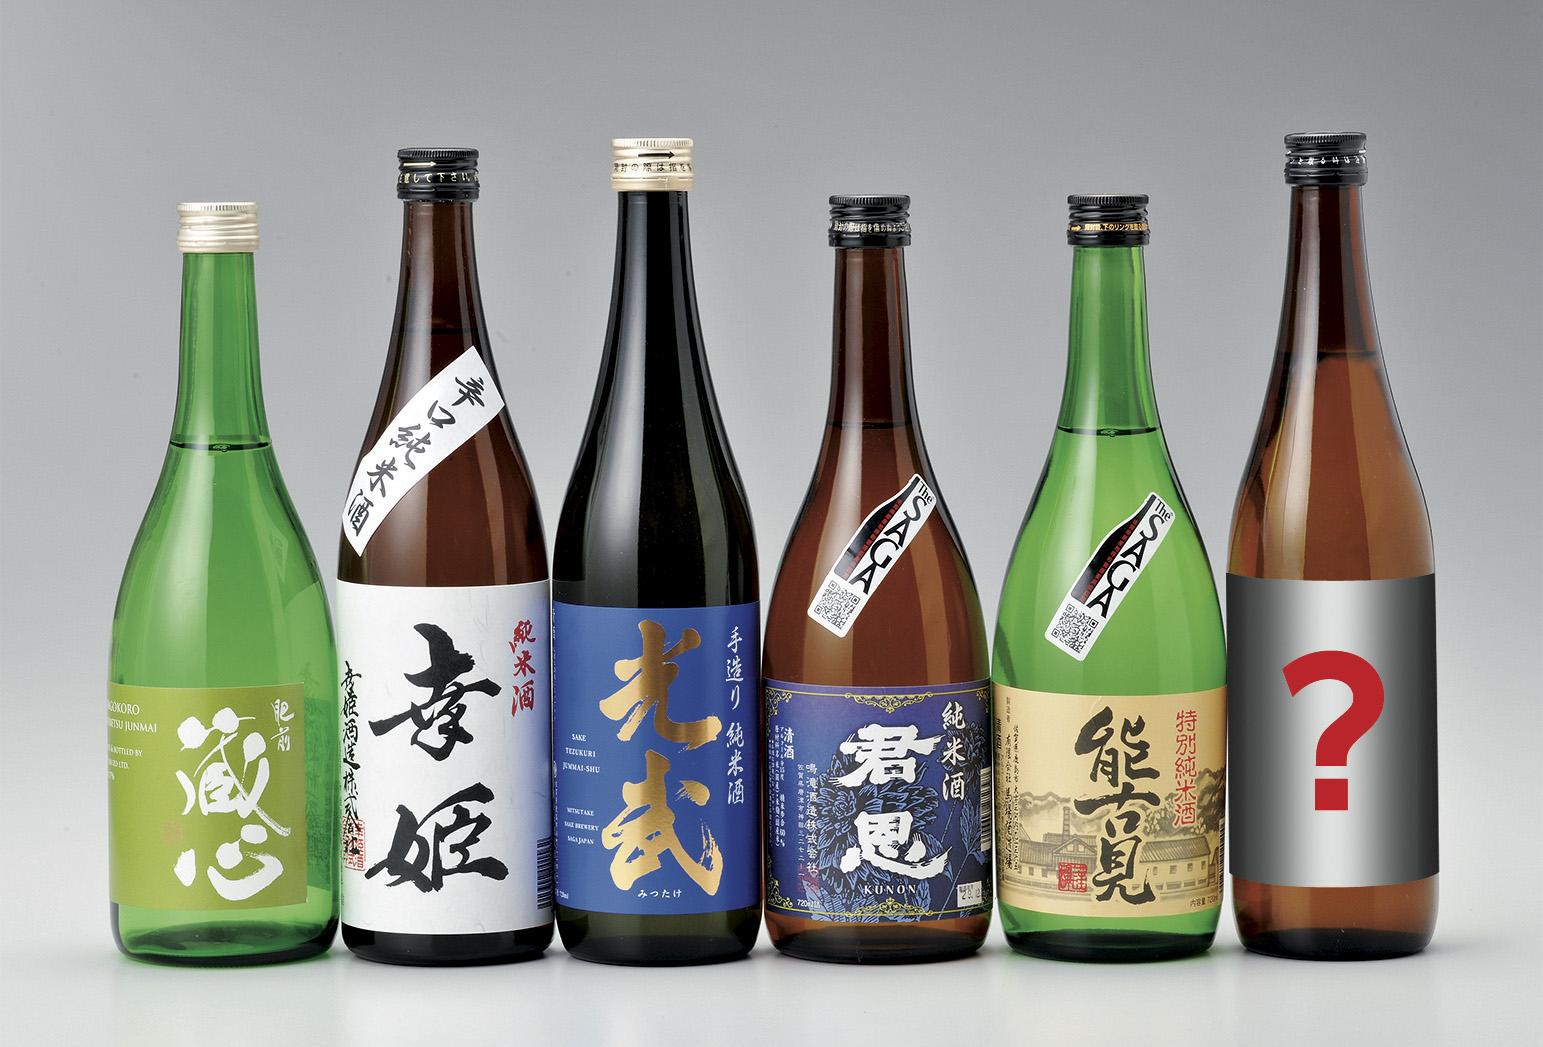 【ふるさと納税】D-71 鹿島のうまか酒飲み比べ純米酒5本+おまかせ1本セット